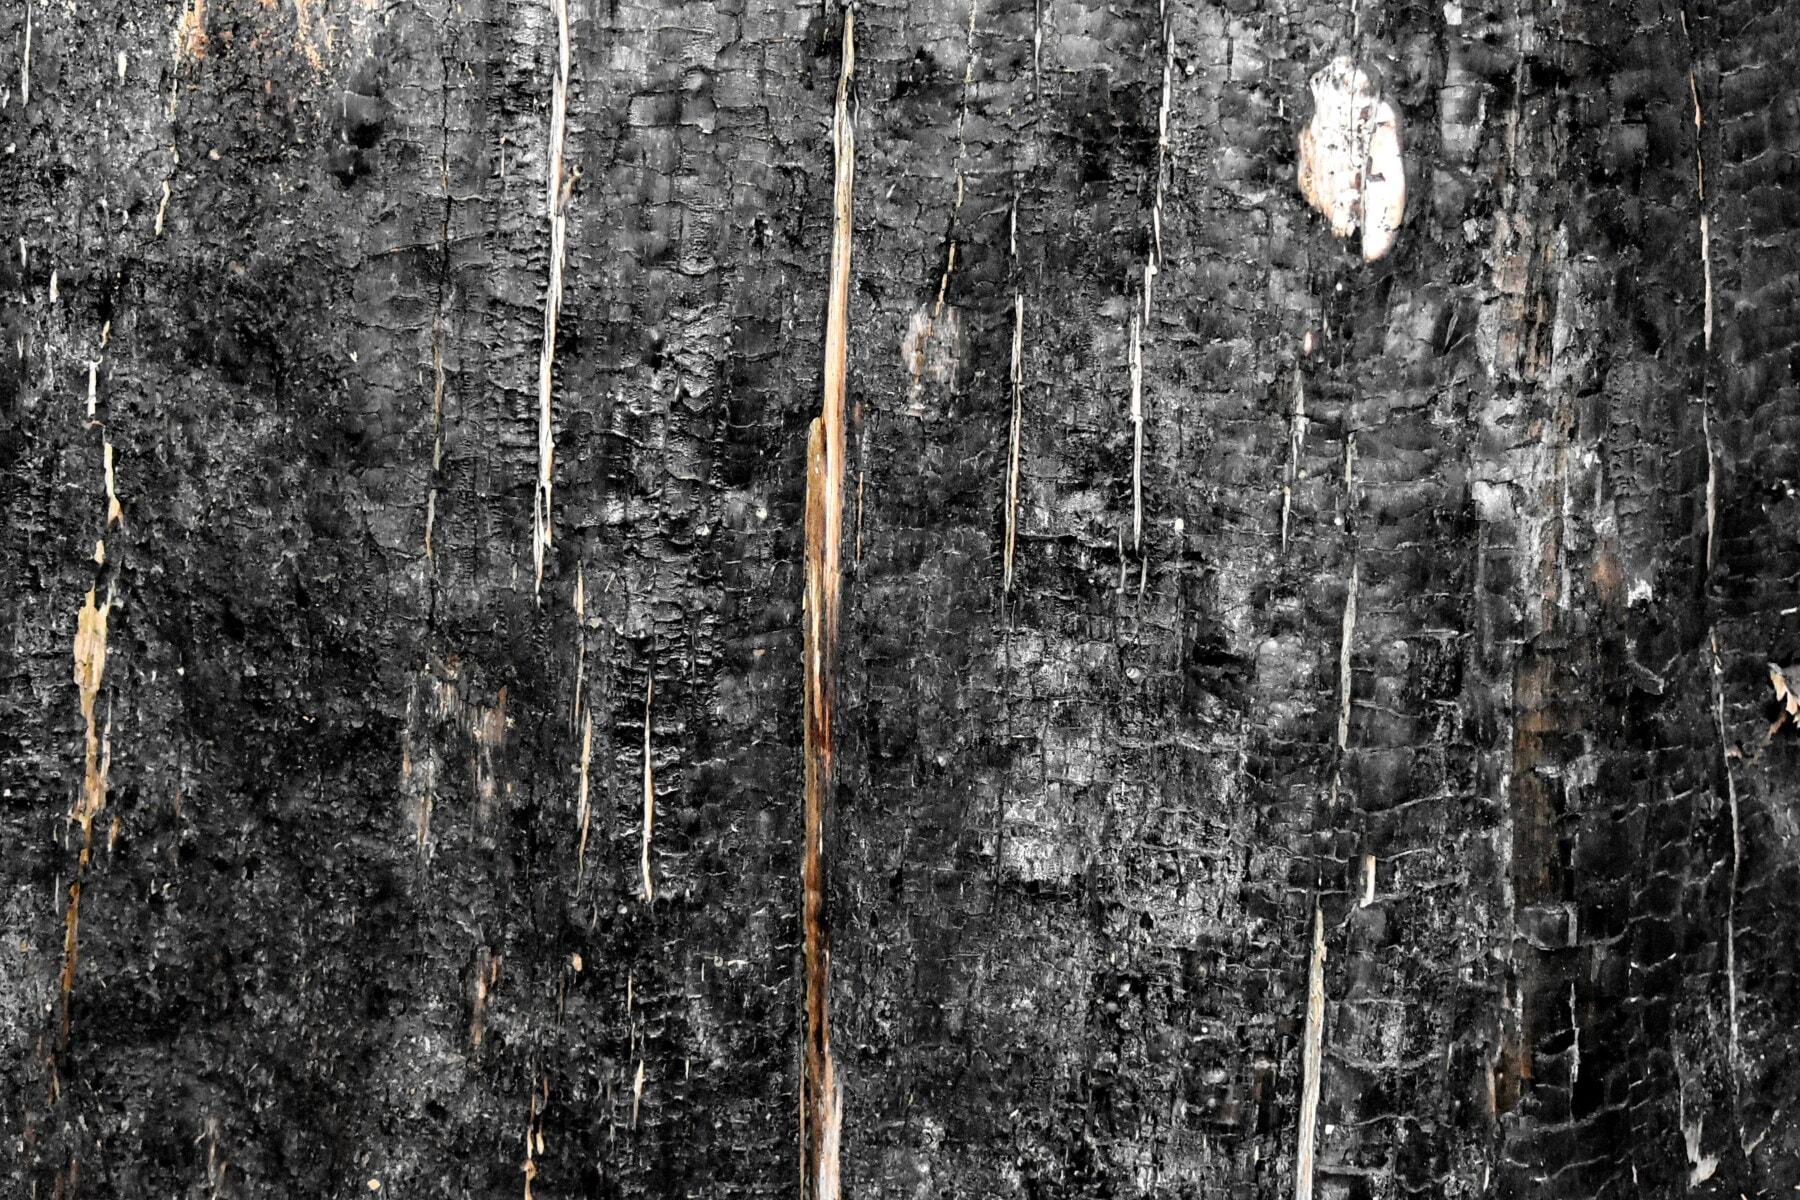 записать, черный, текстура, дерево, уголь, ясень, грязные, деталь, старый, дерево